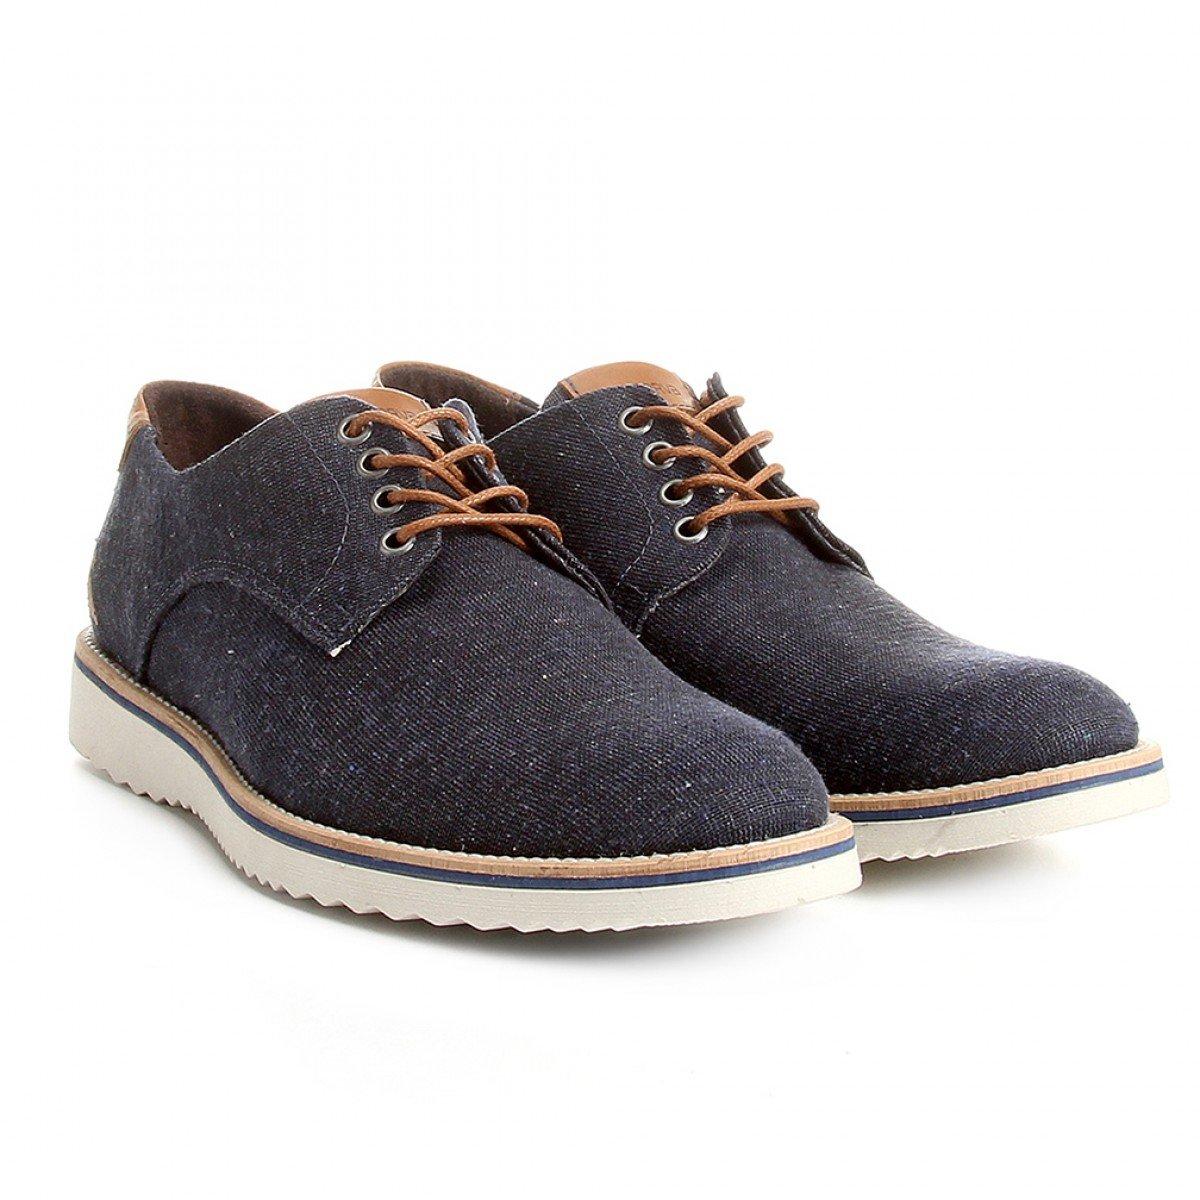 0215718bf4 Sapato Reserva Casual Tratorado Jeans Marinho - Compre Agora ...